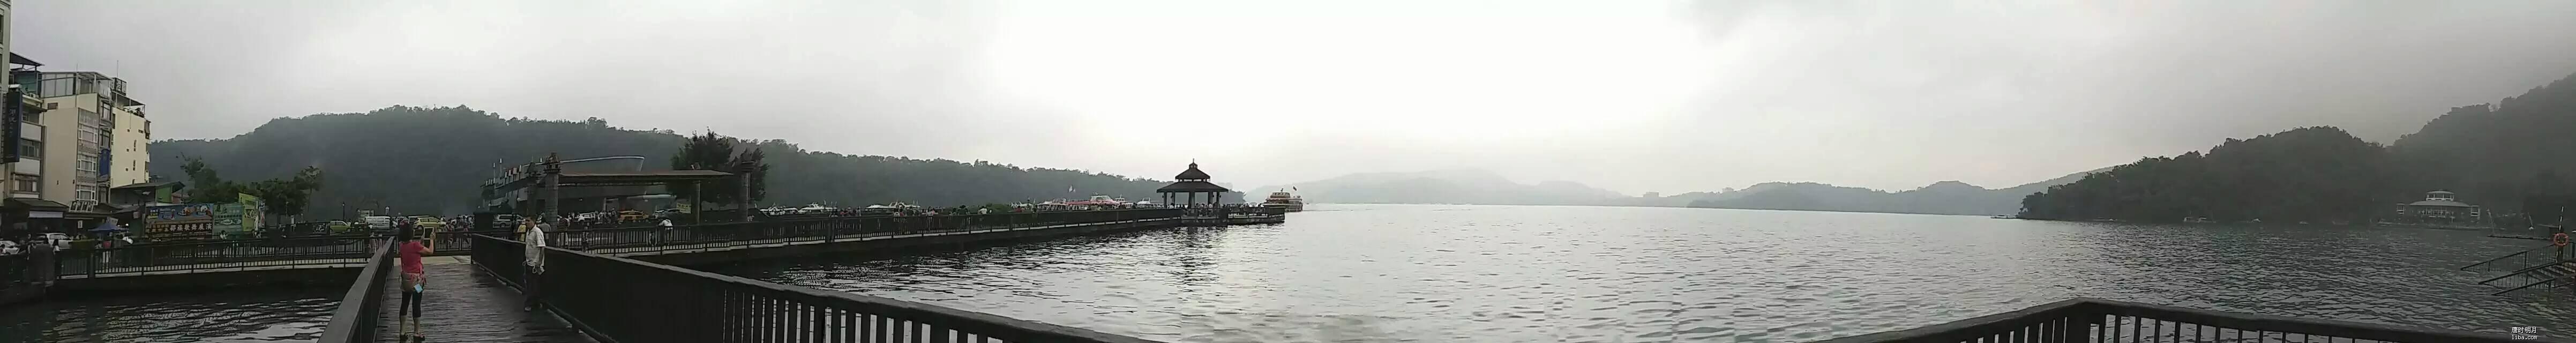 阿里山雨中全景图.jpg